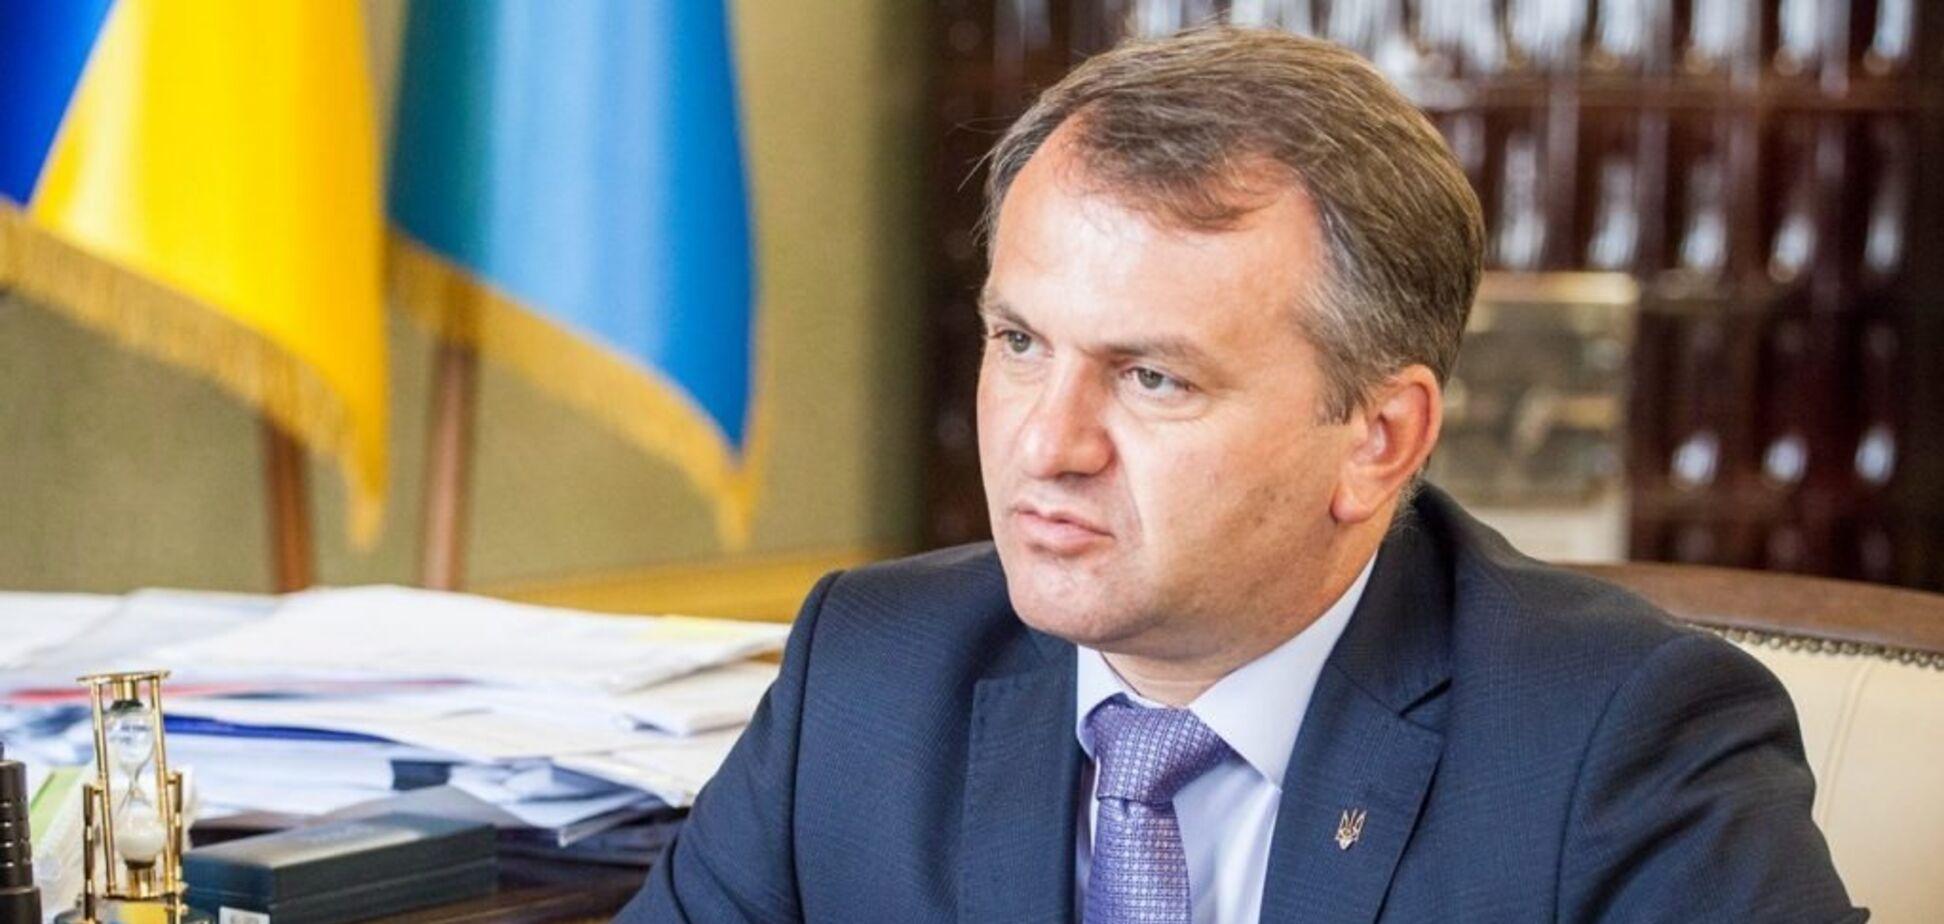 Голова Львівської ОДА подав у відставку через Зеленського: що трапилося